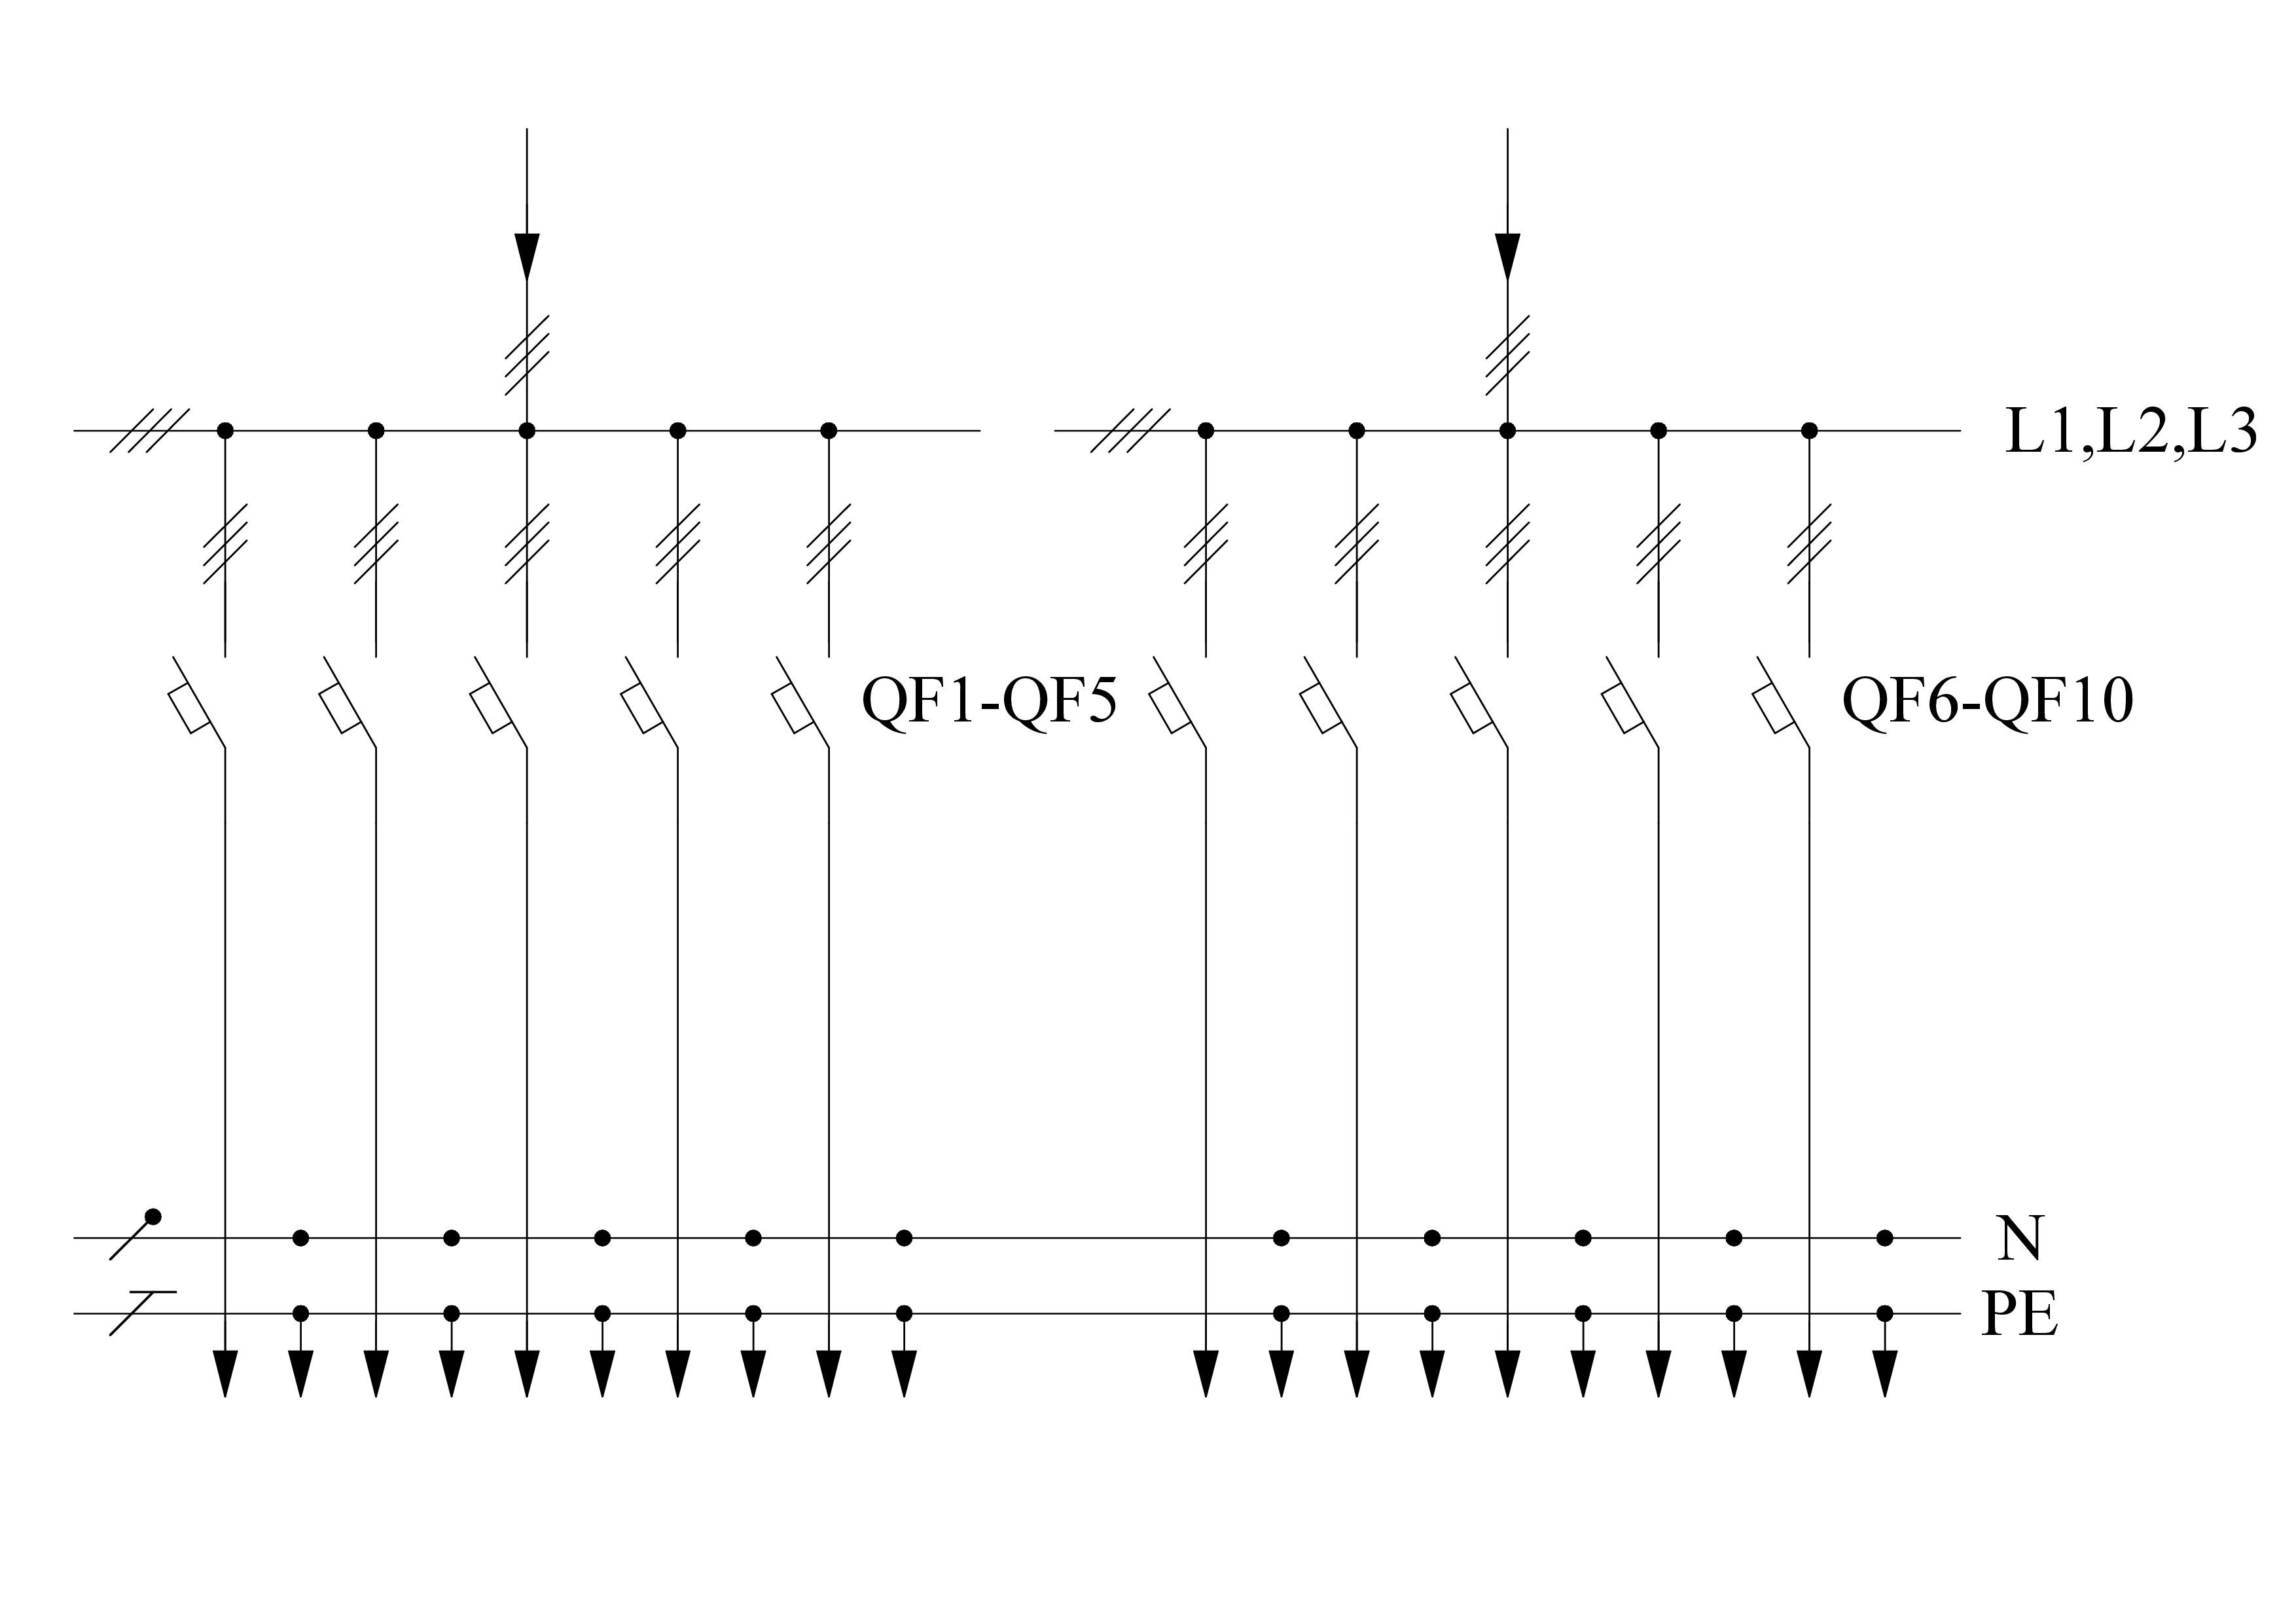 Схема электрическая ВРУ1-48-03А, ВРУ1-48-03А цена, ВРУ1-48-03А купить